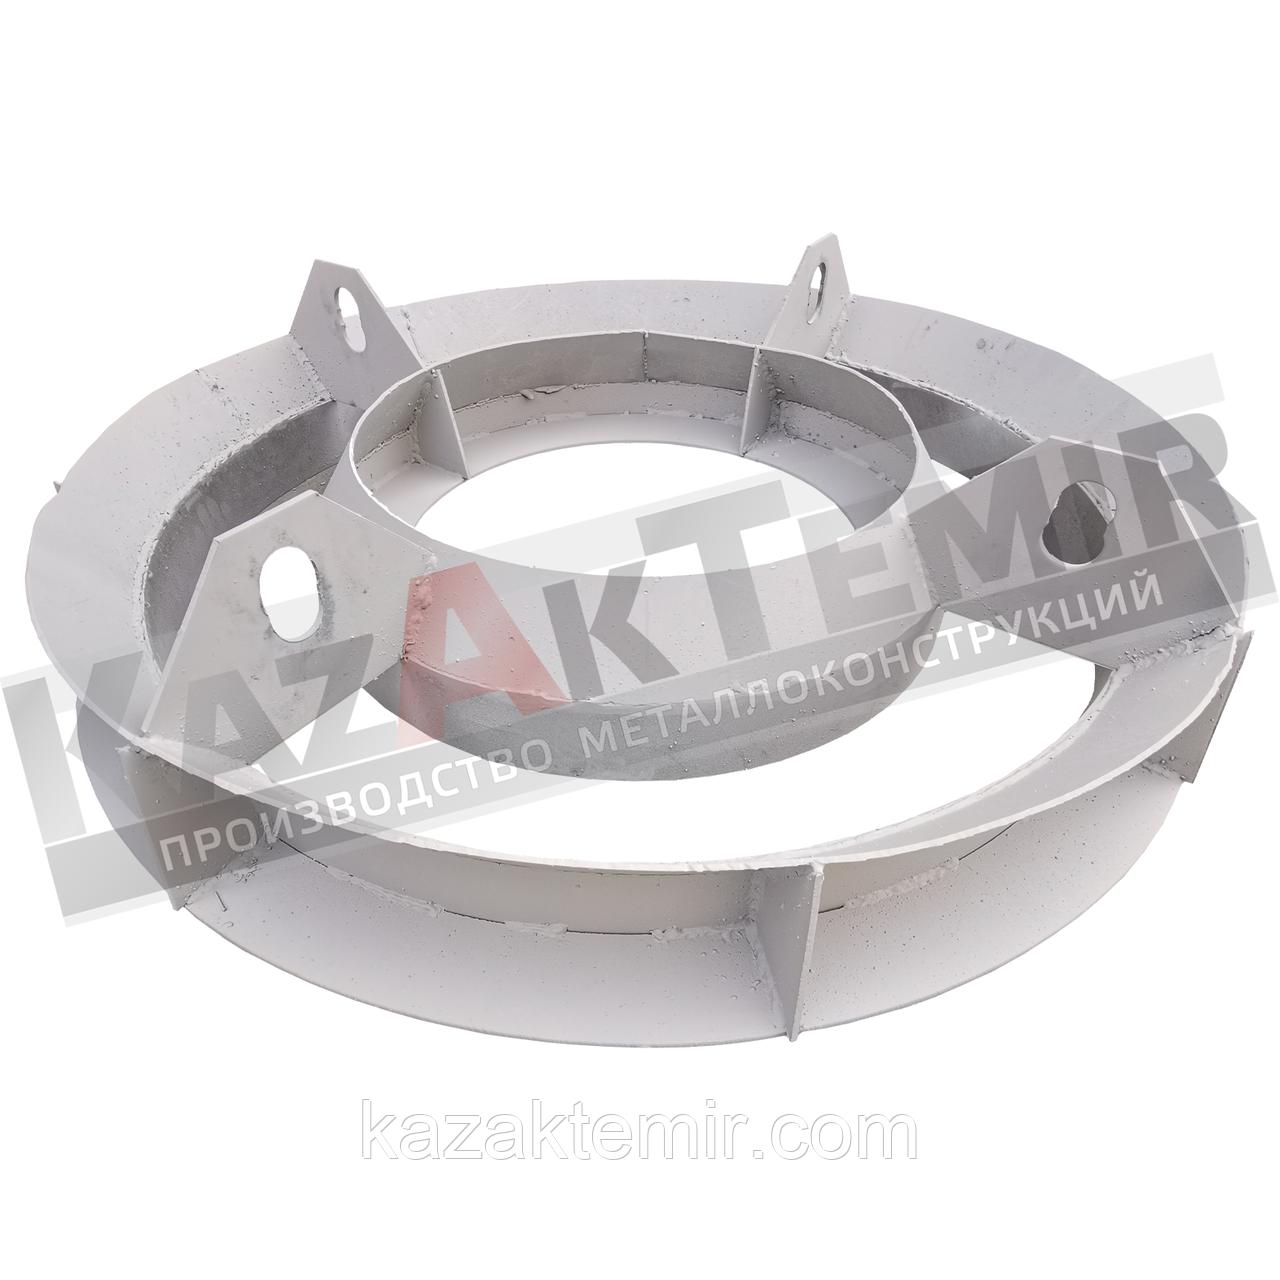 КО-6 виброформа (h-50) для производства плит перекрытия колец